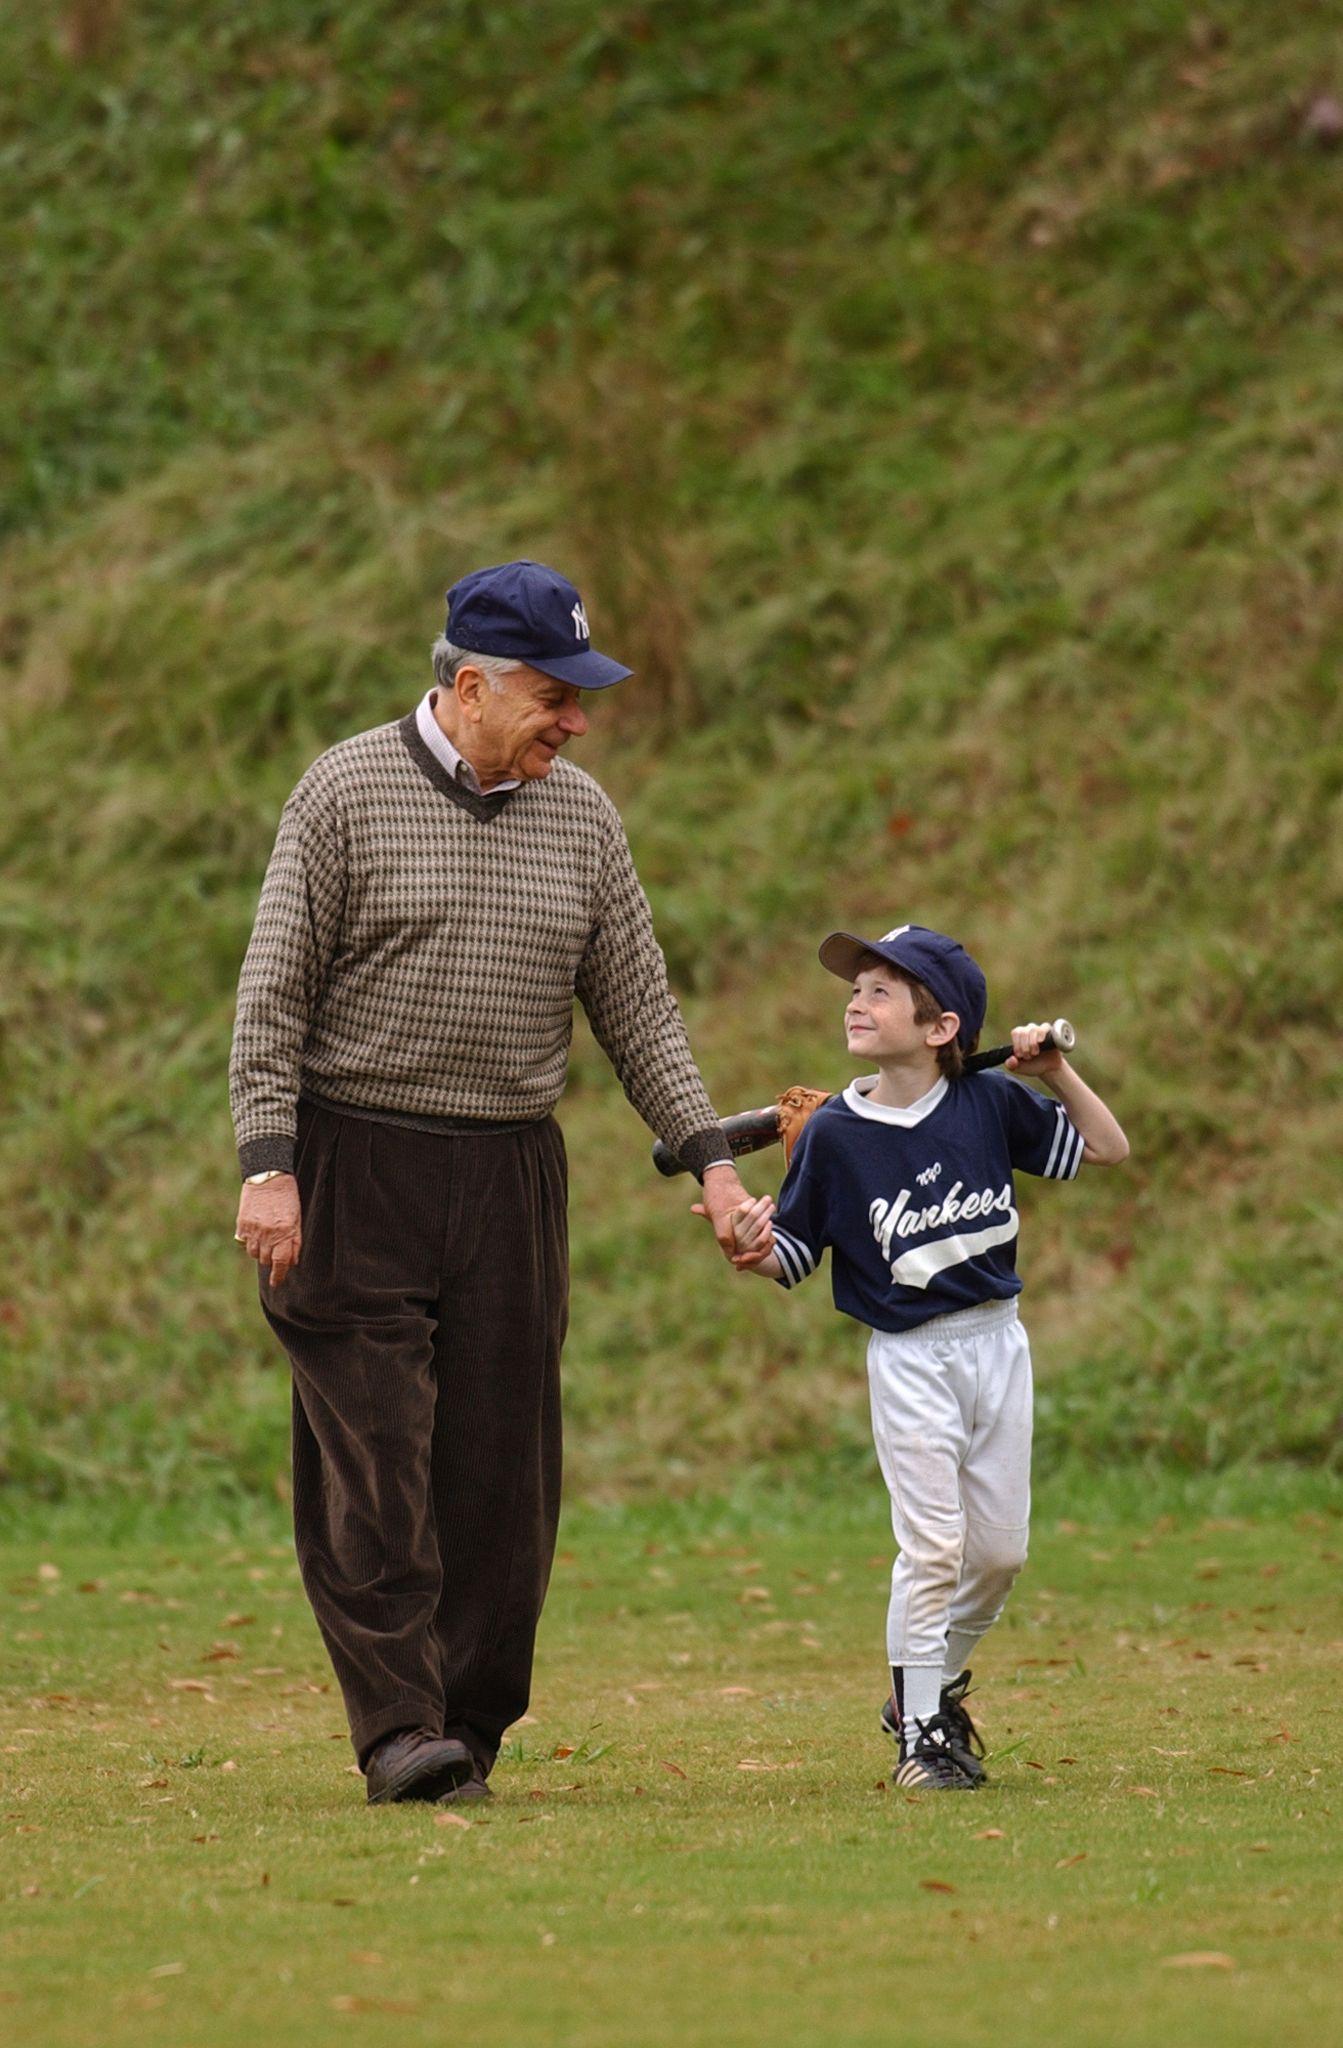 Hyman&Grandfather028.JPG